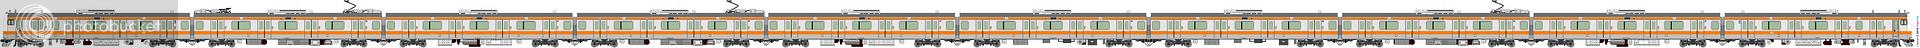 [5502] 東日本旅客鉄道 1902